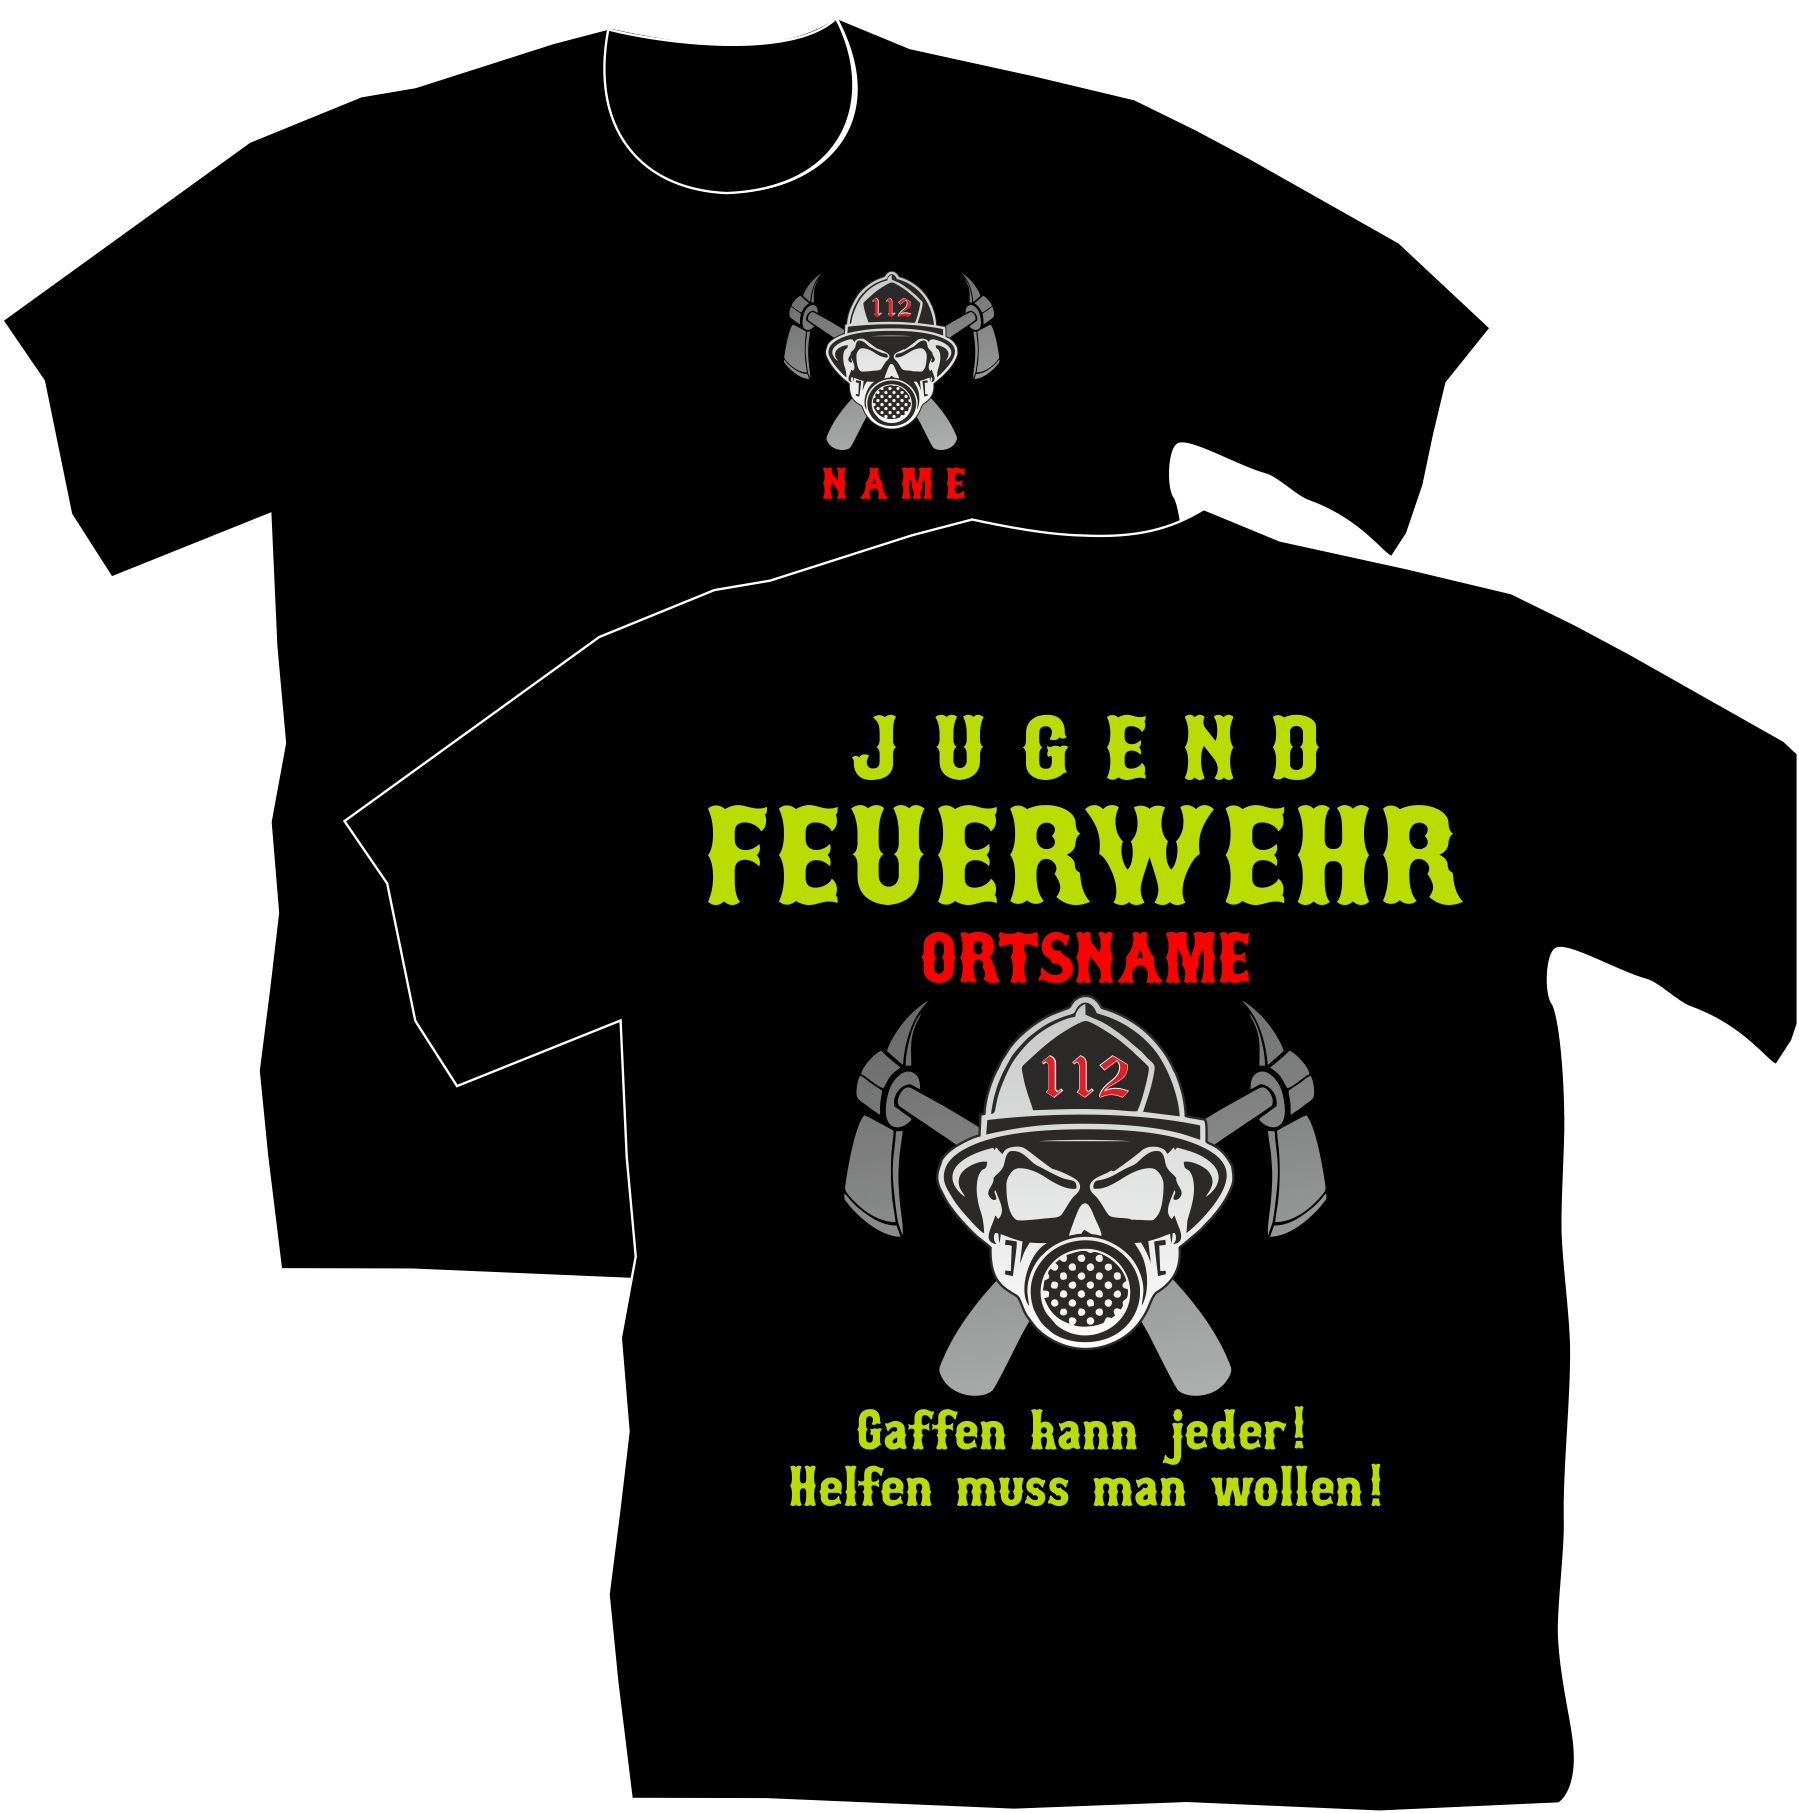 T-Shirt Feuerwehr Motiv 51 | Flexi-Design - Online-Shop in Feuerwehr Motive